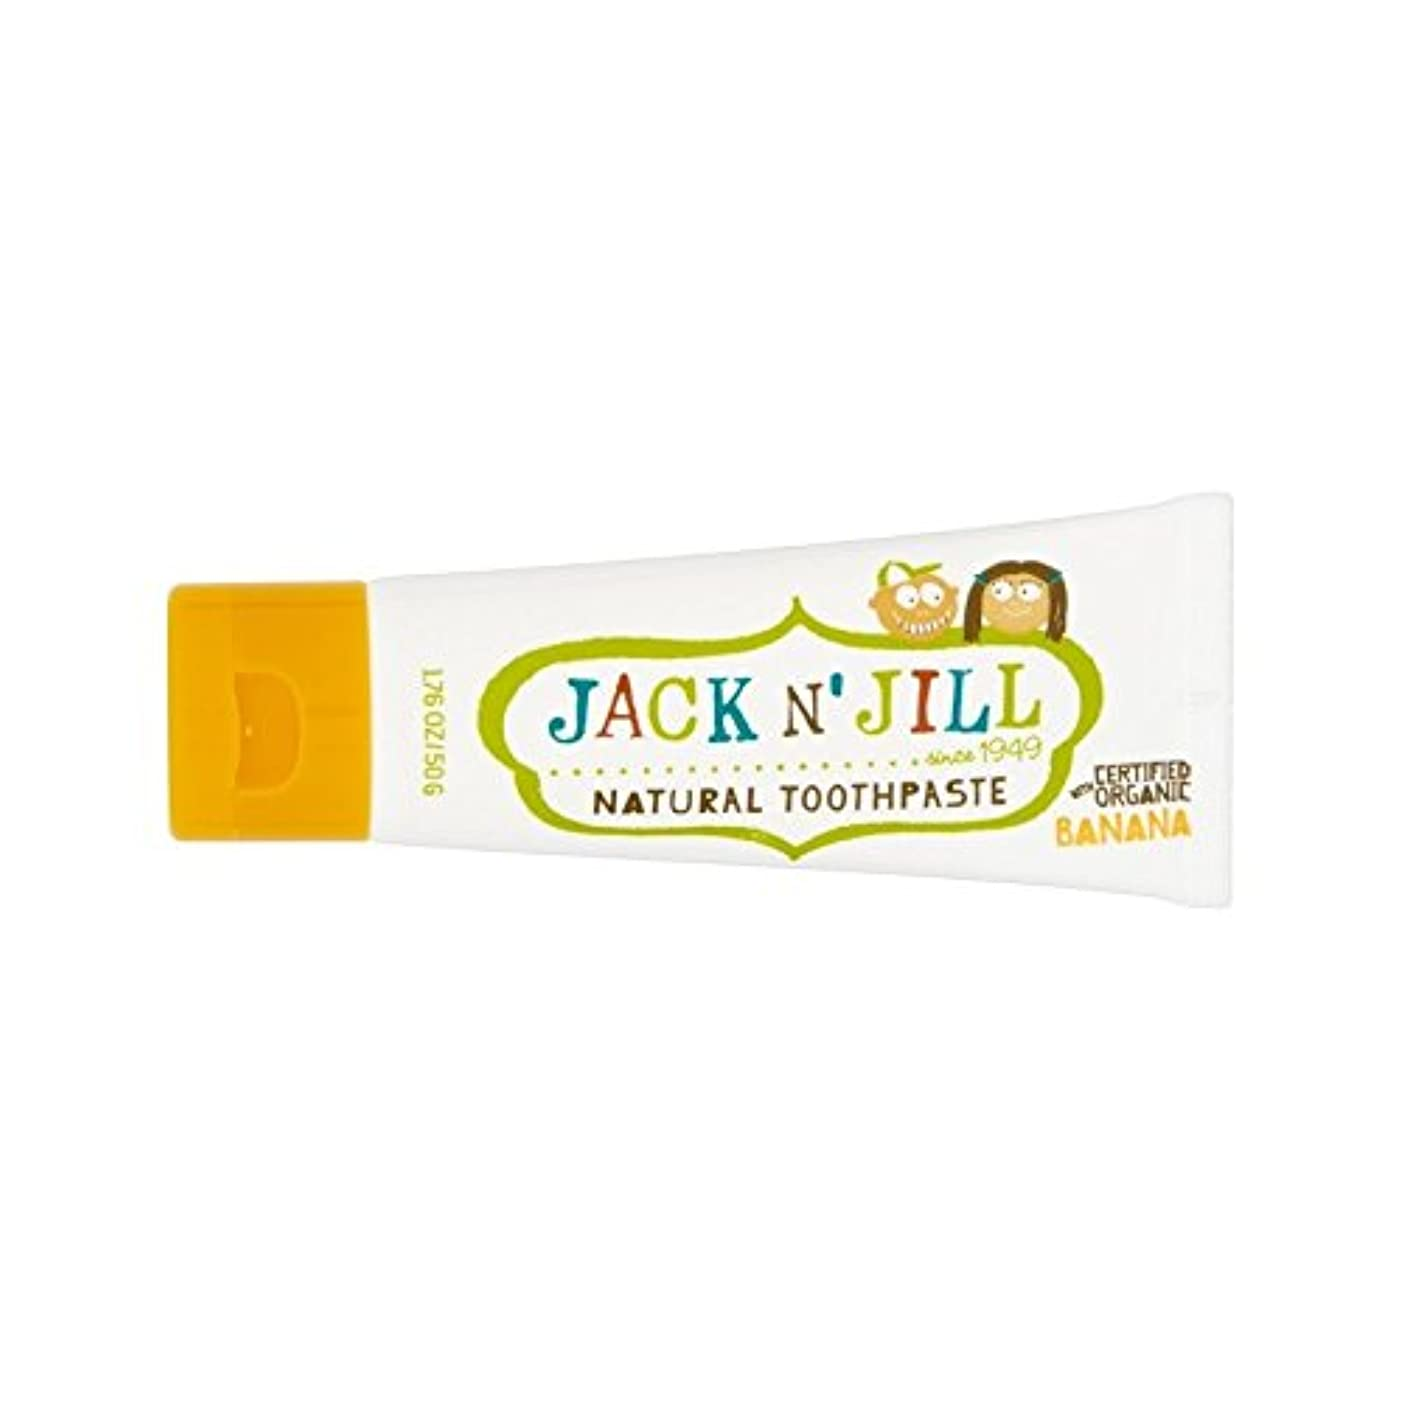 暗殺者ブランチまたはどちらか有機香味50グラムと自然バナナ歯磨き粉 (Jack N Jill) (x 4) - Jack N' Jill Banana Toothpaste Natural with Organic Flavouring 50g (...